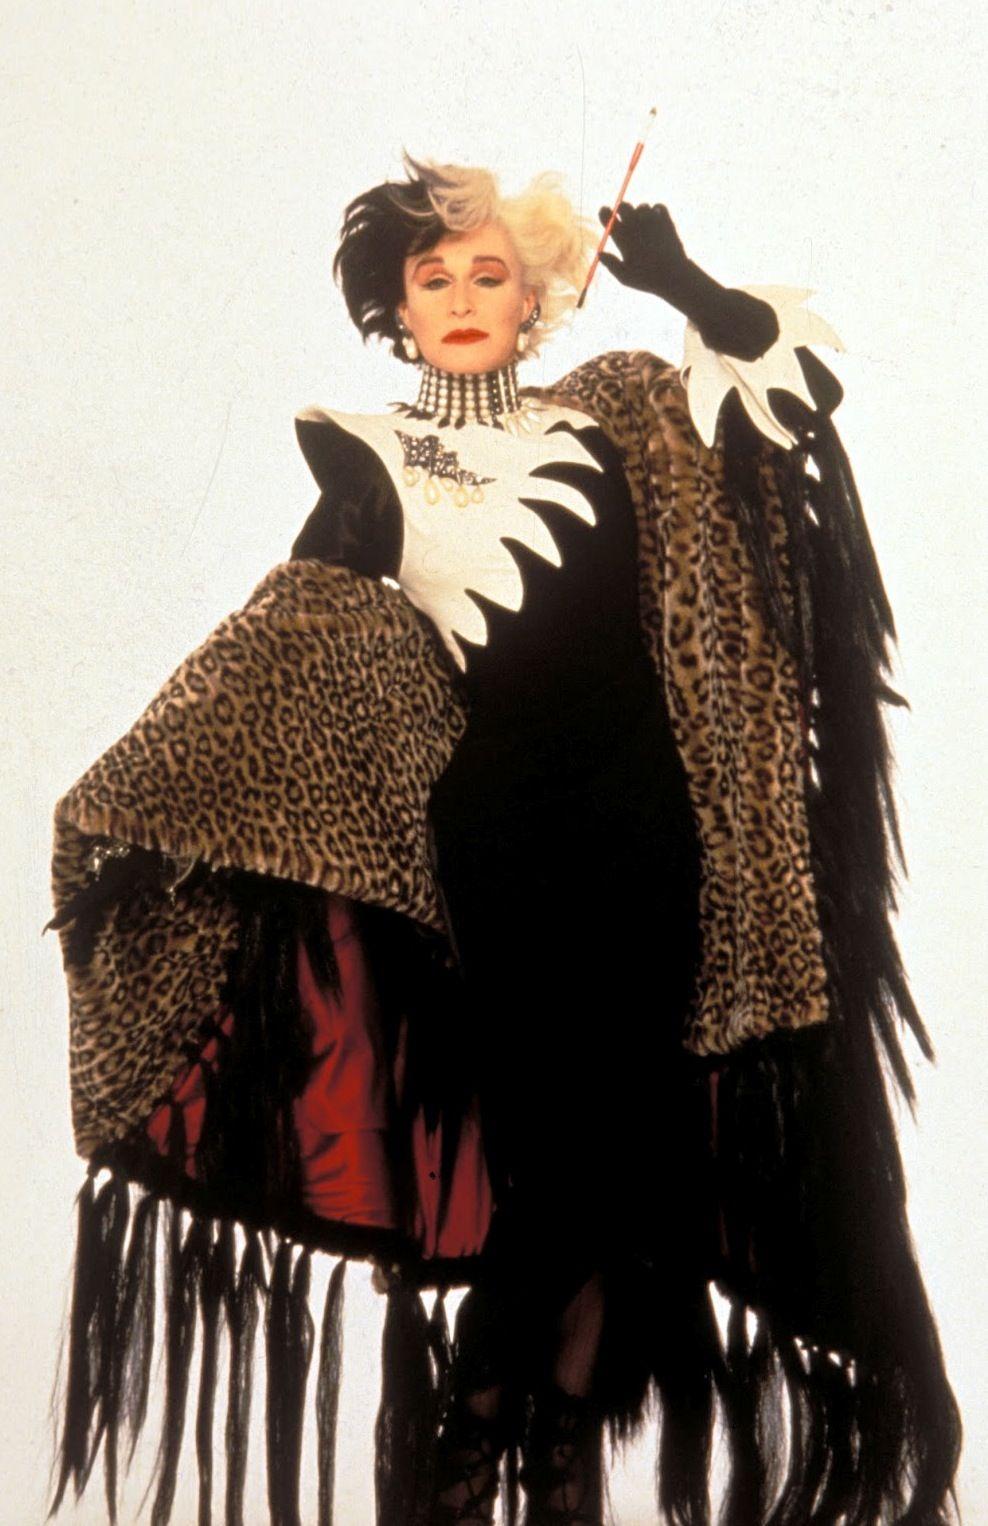 Cruella De Vil in 101 Dalmations -- Costume Designer Anthony Powell  sc 1 st  Pinterest & Cruella De Vil in 101 Dalmations -- Costume Designer Anthony Powell ...